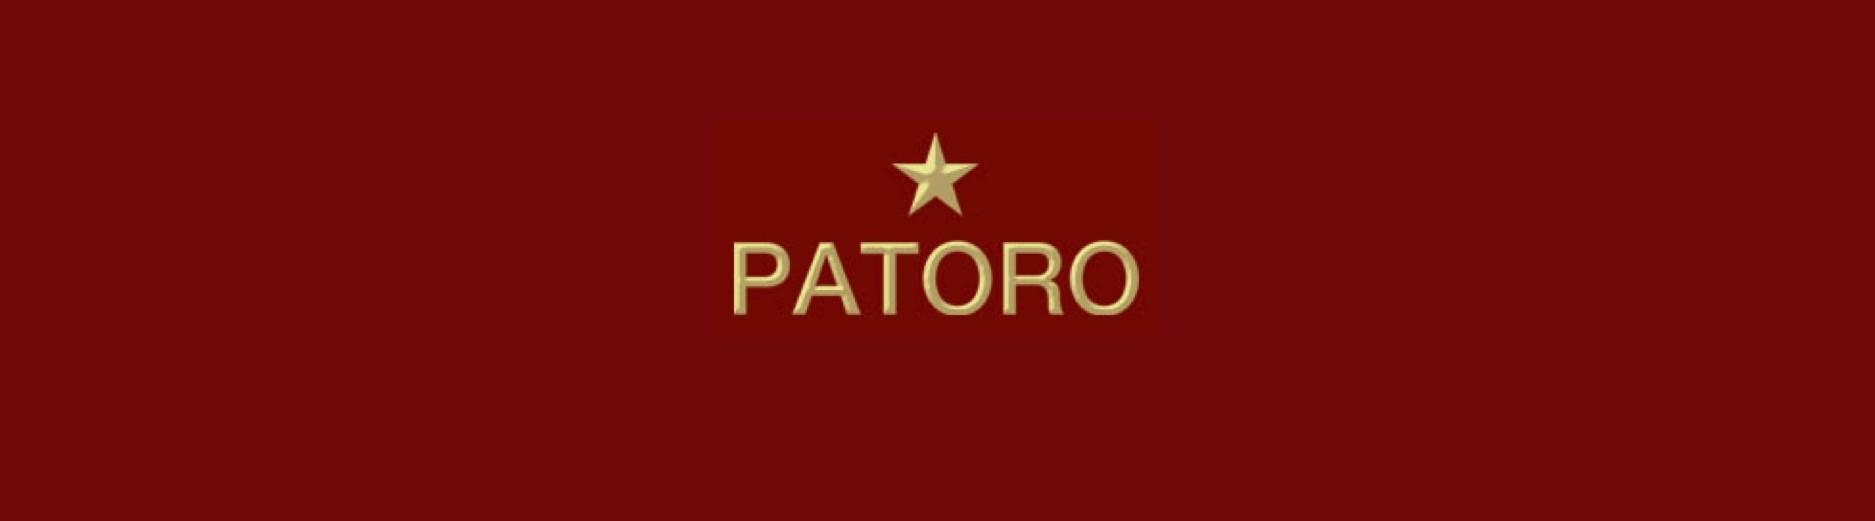 Patoro-Logo.001-001-e1453045109772